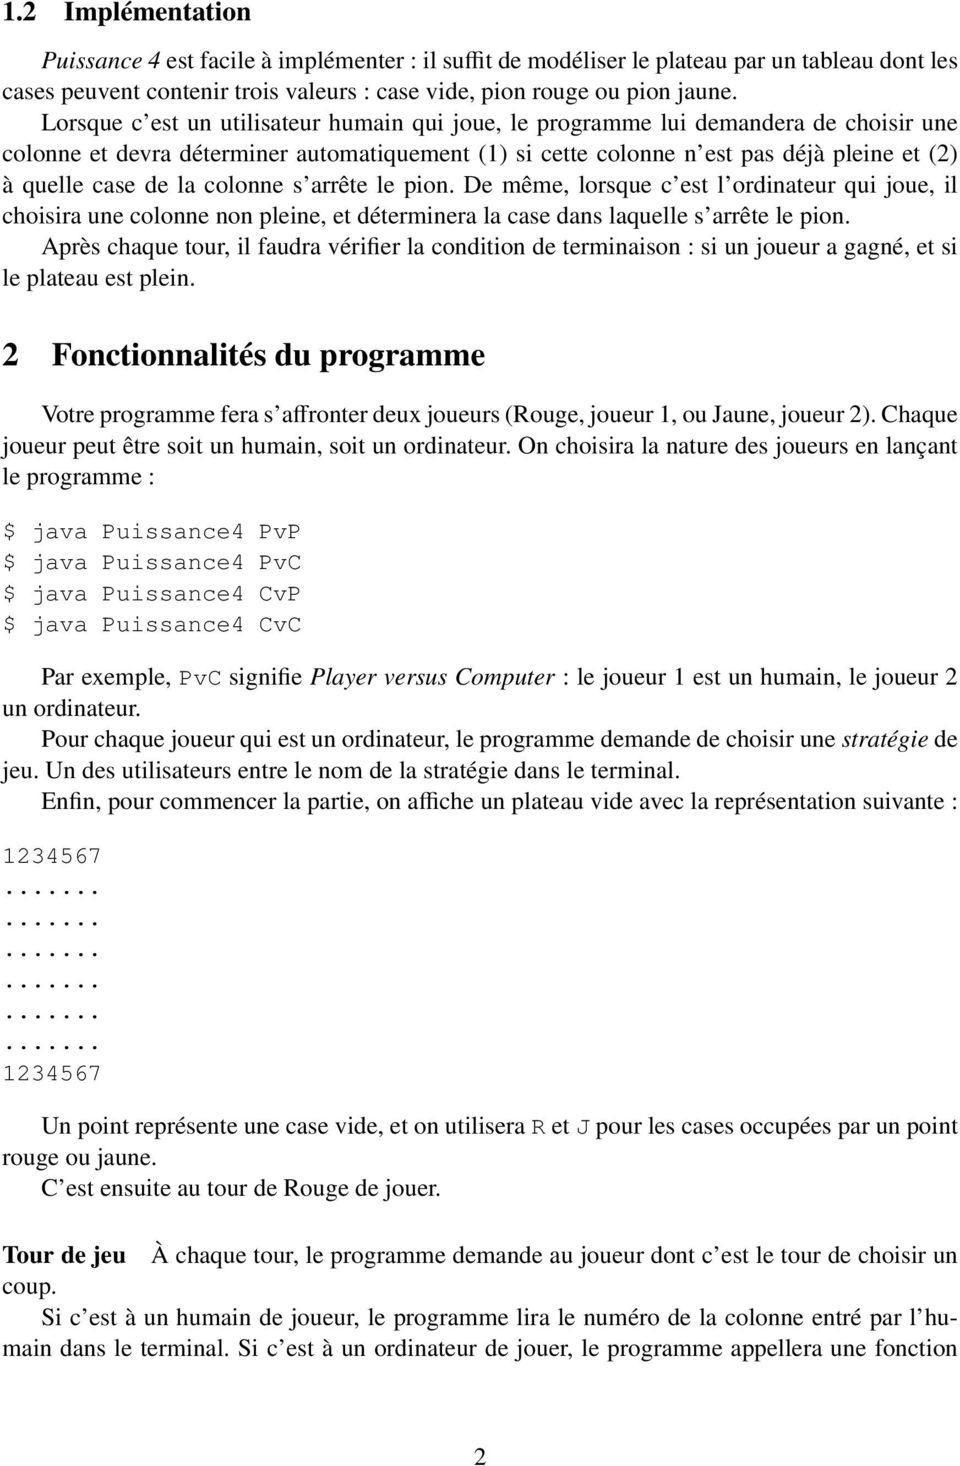 Projet De Programmation Java Puissance 4 - Pdf destiné Jouer A Puissance 4